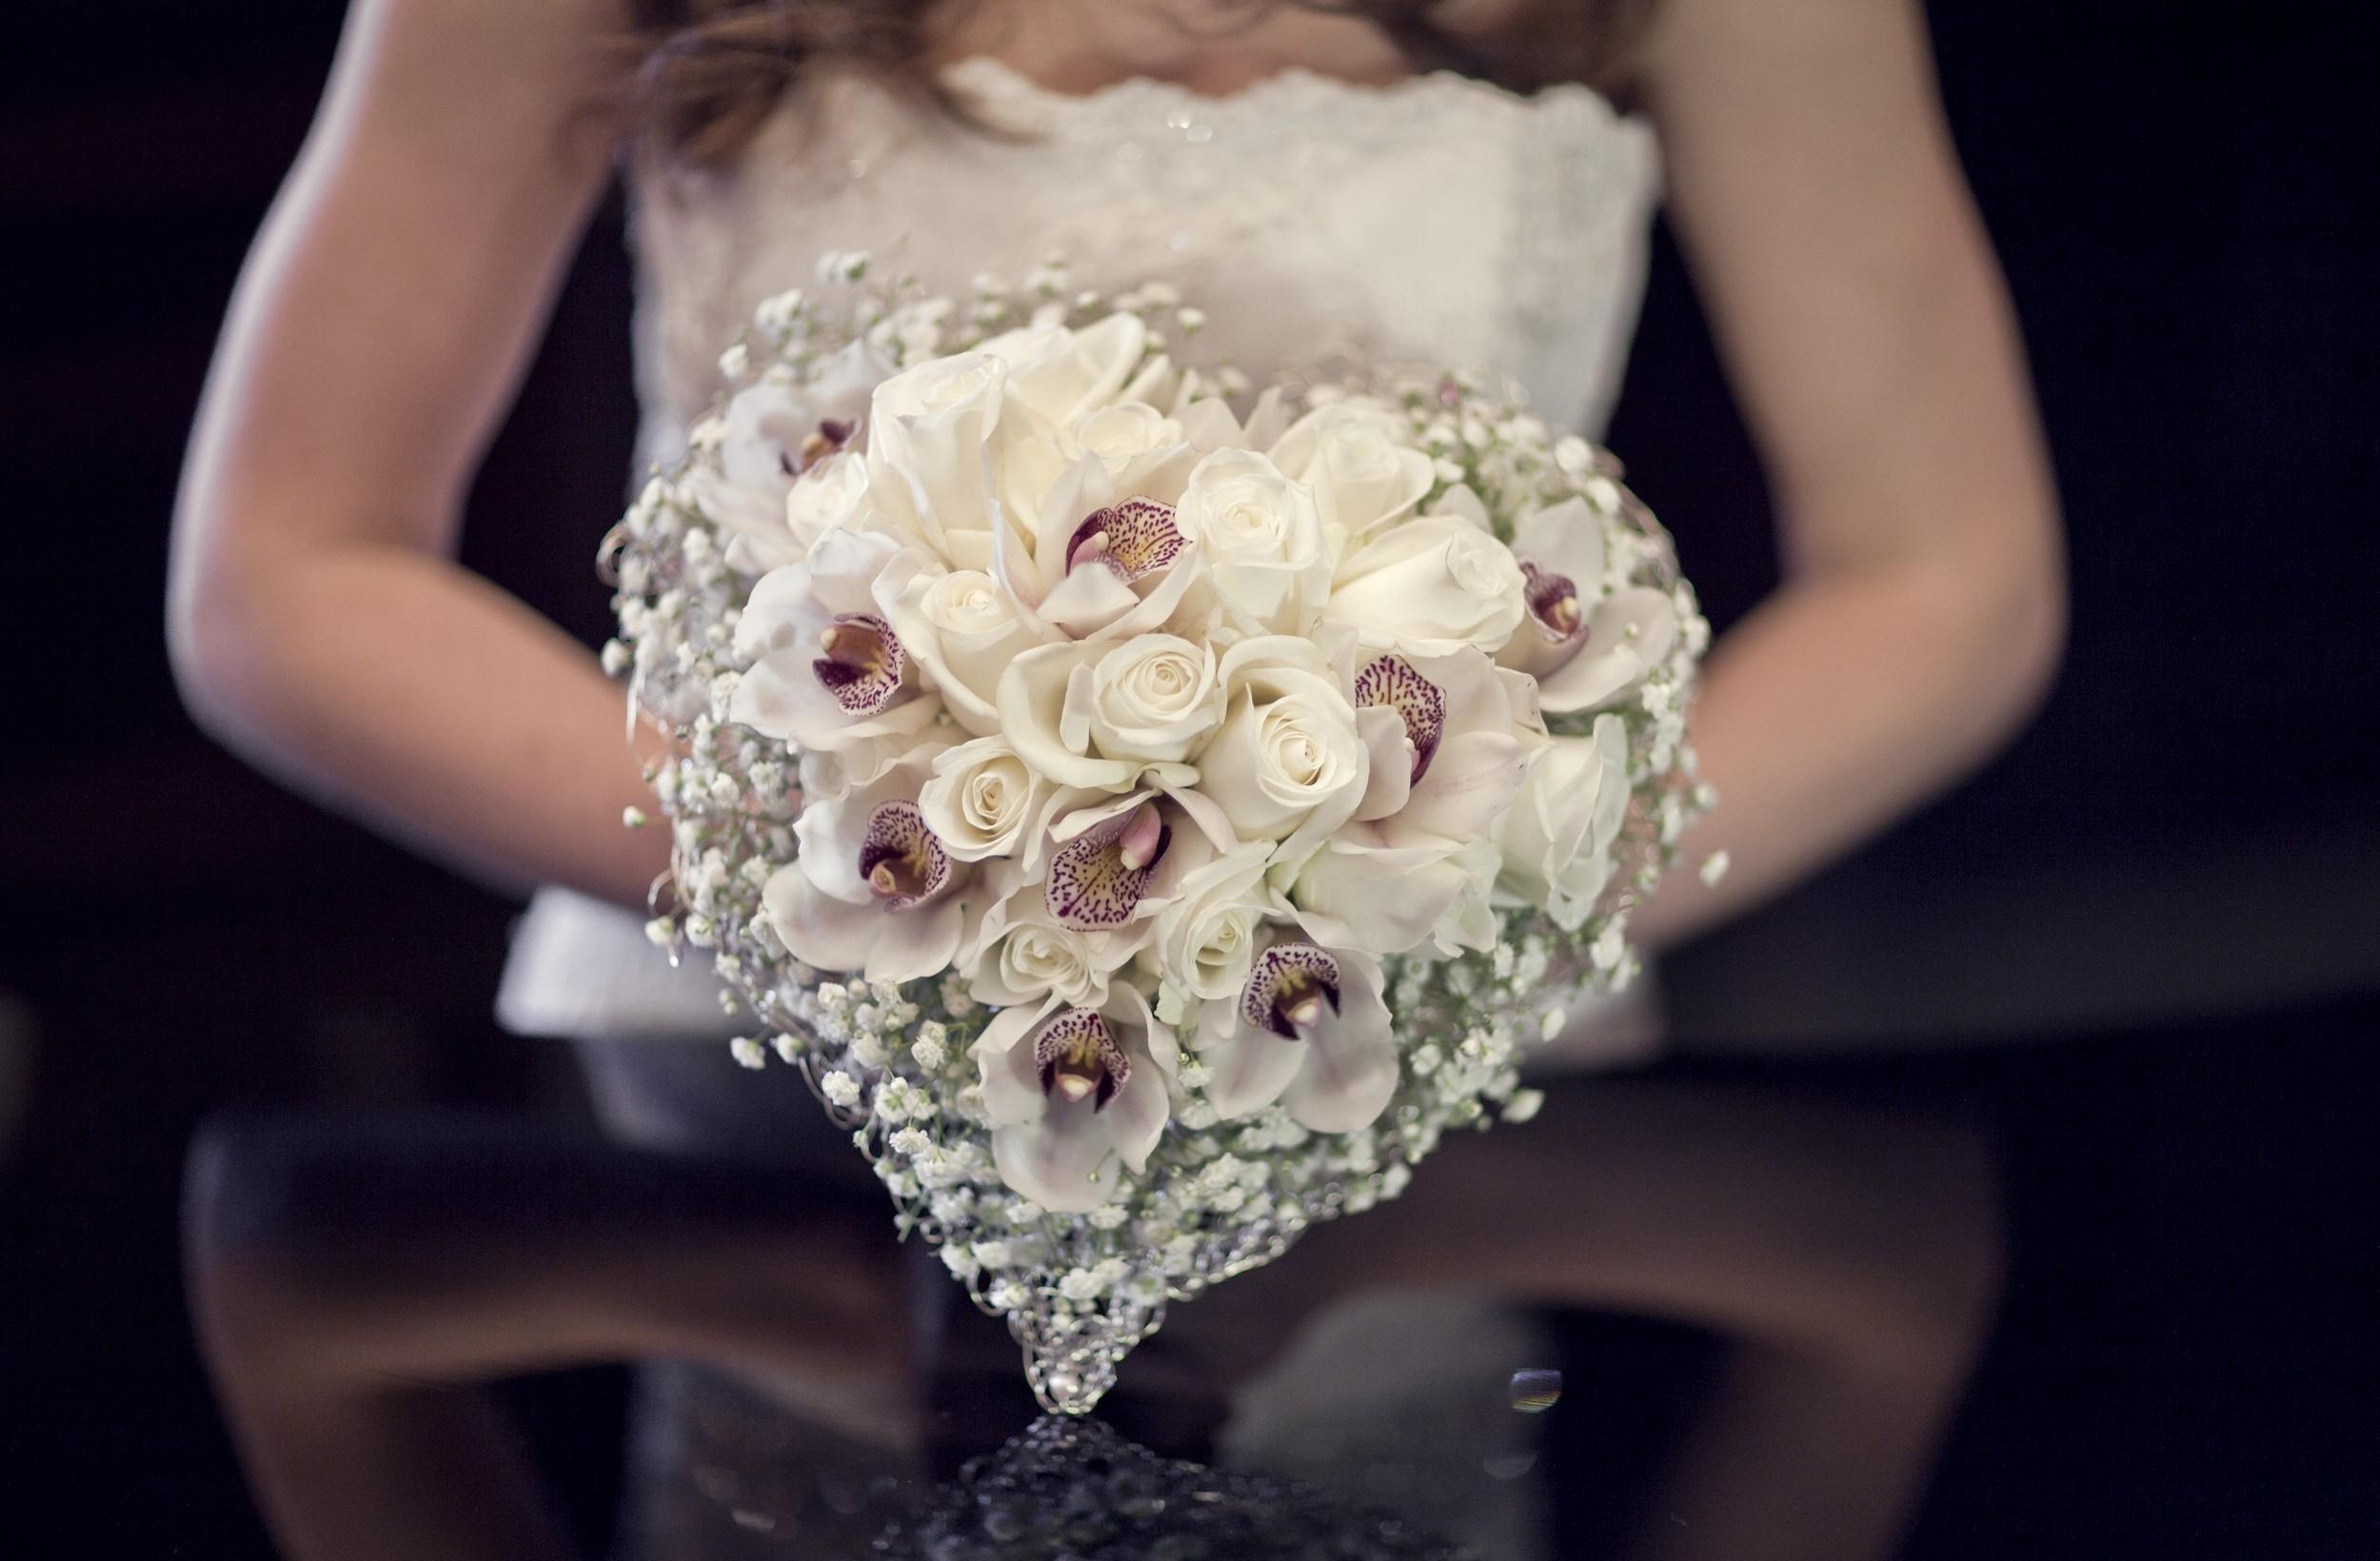 107683 скачать обои Цветы, Орхидеи, Гипсофил, Букет, Сердце, Невеста, Розы - заставки и картинки бесплатно